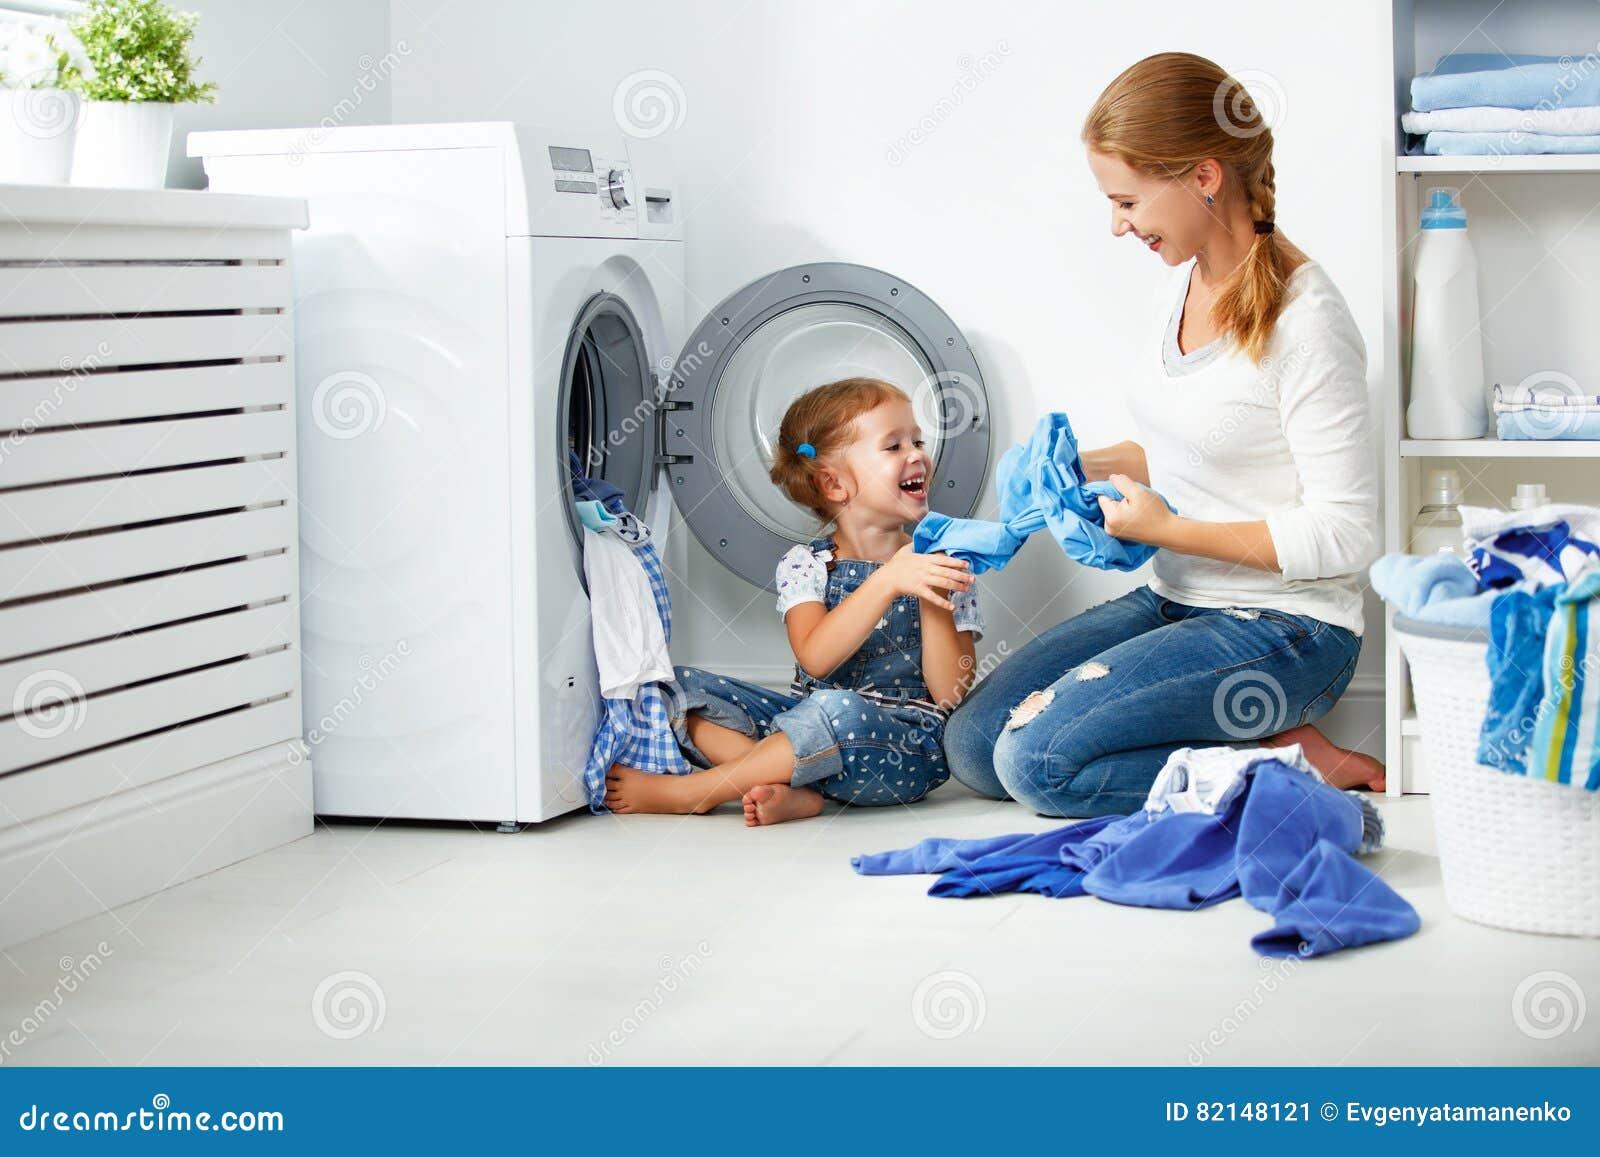 Familiemoeder en kindmeisje weinig helper in wasserijruimte dichtbij wasmachine